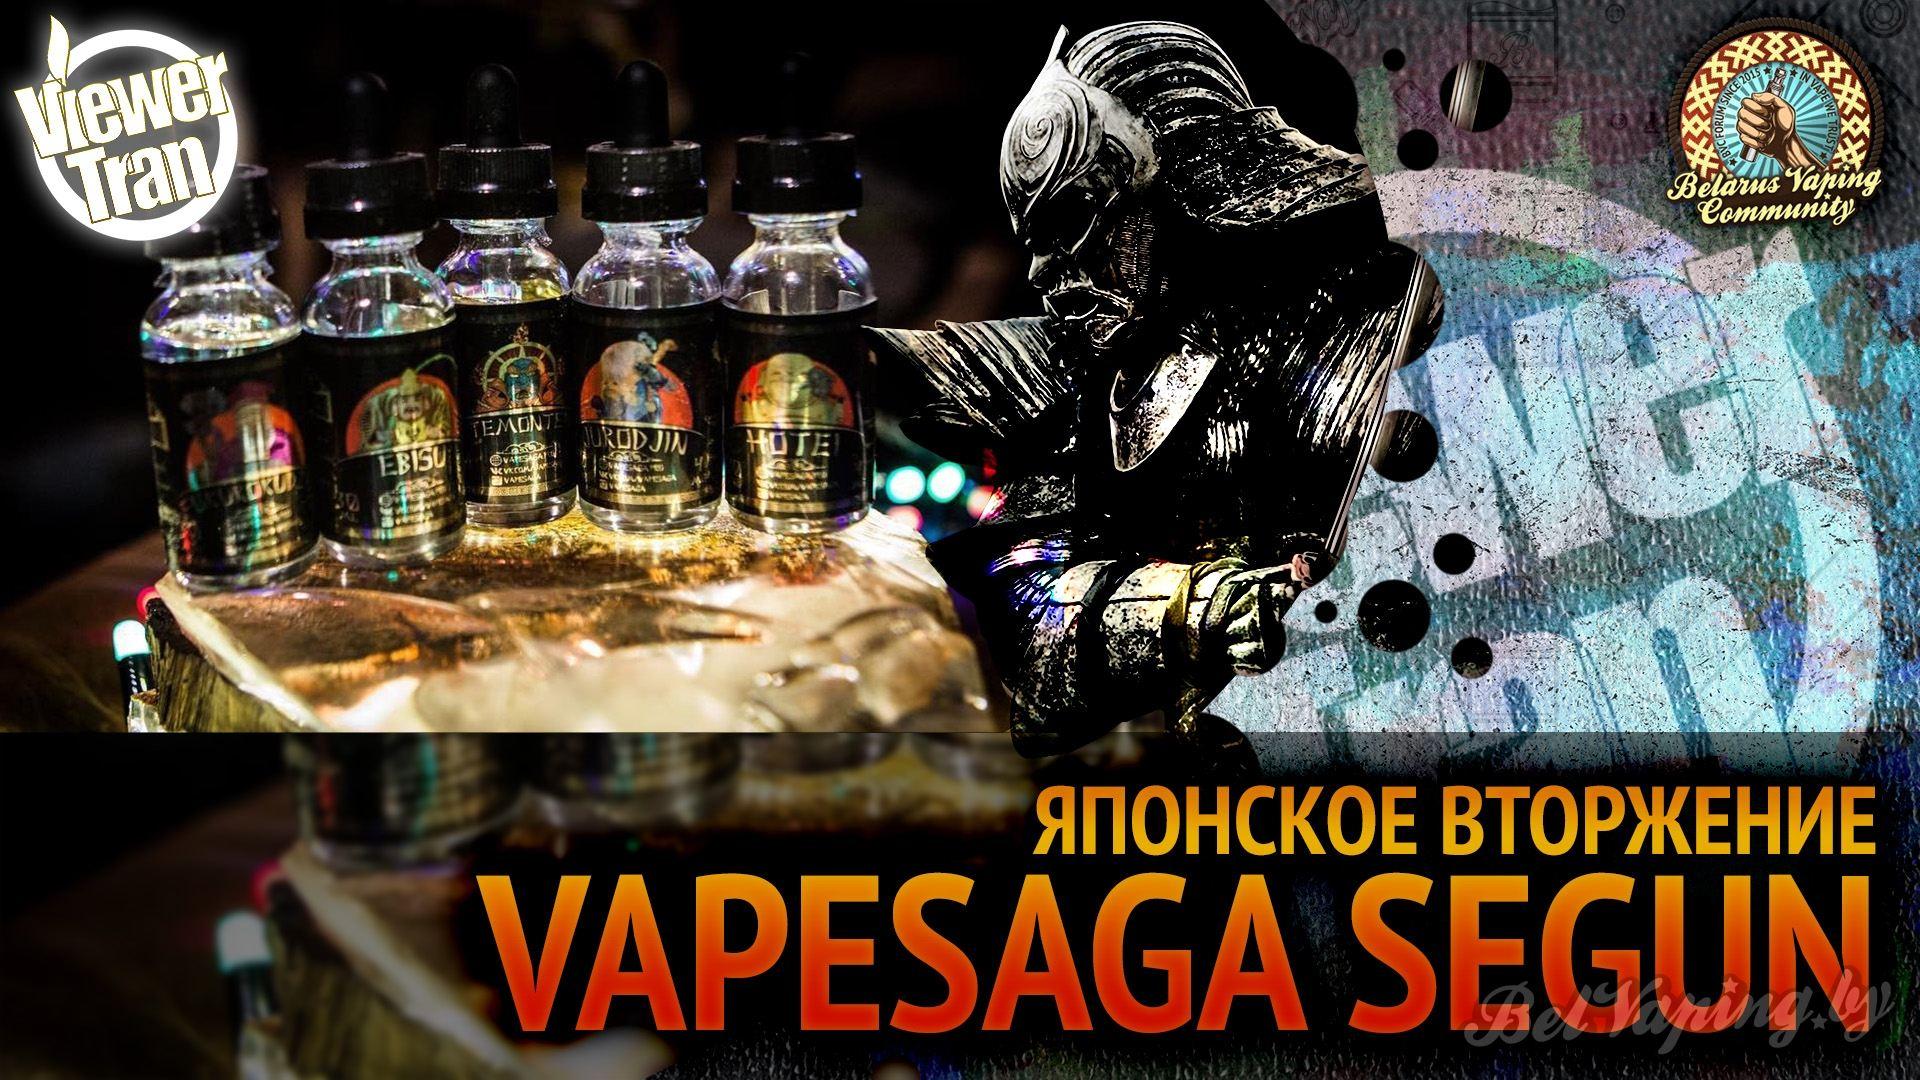 Обзор жидкости SEGUN от Vapesaga